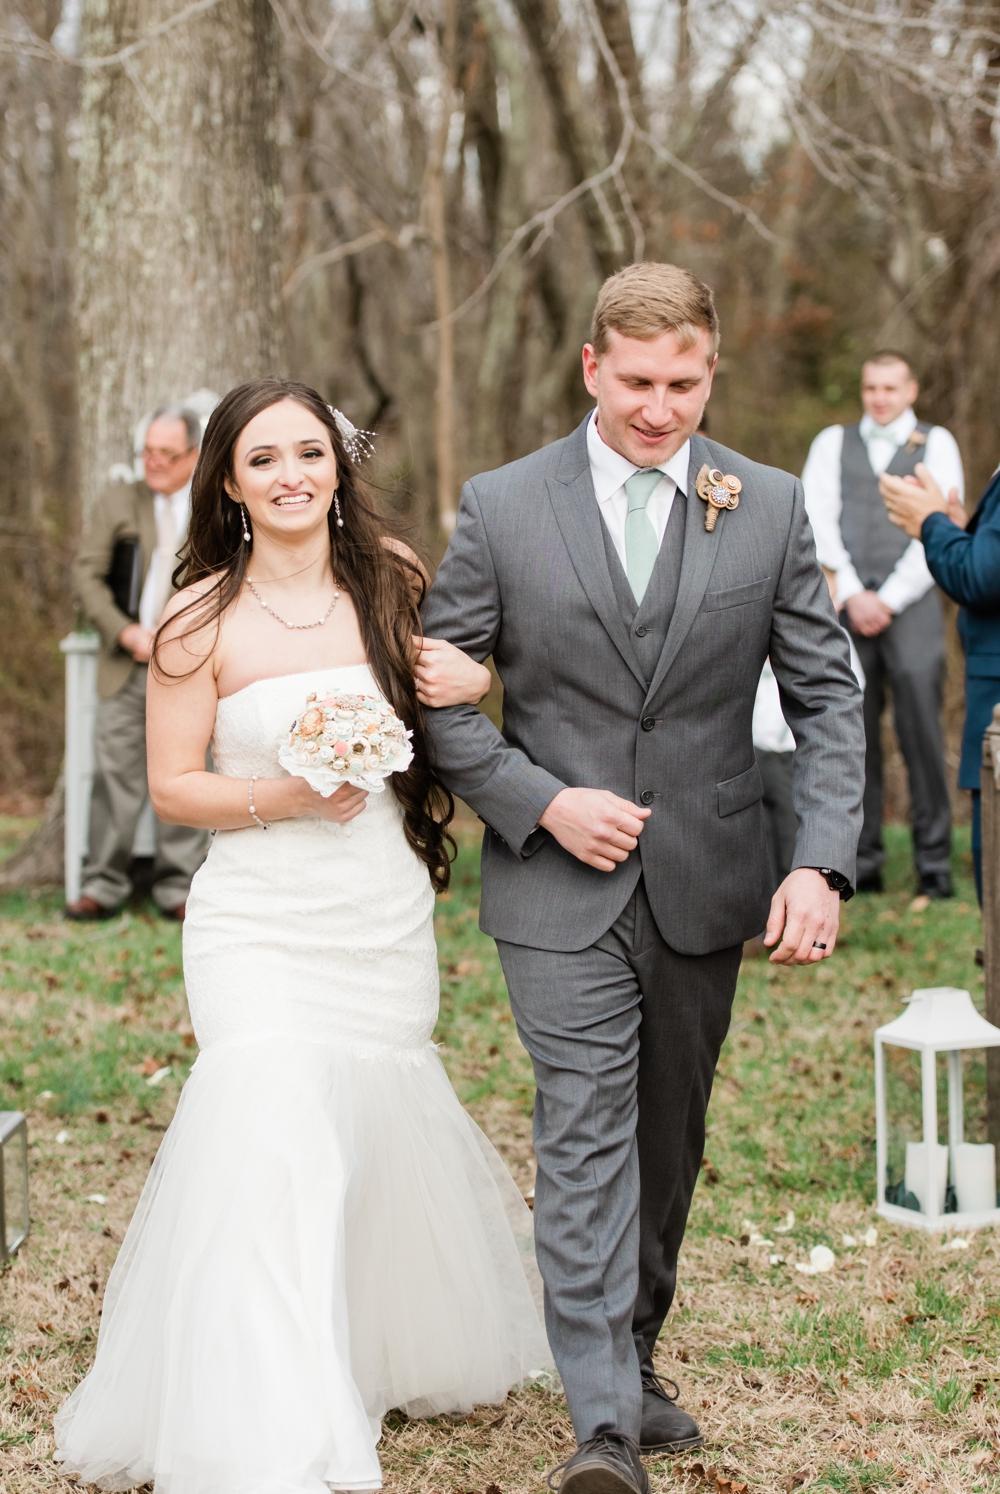 vai wedding 38.jpg